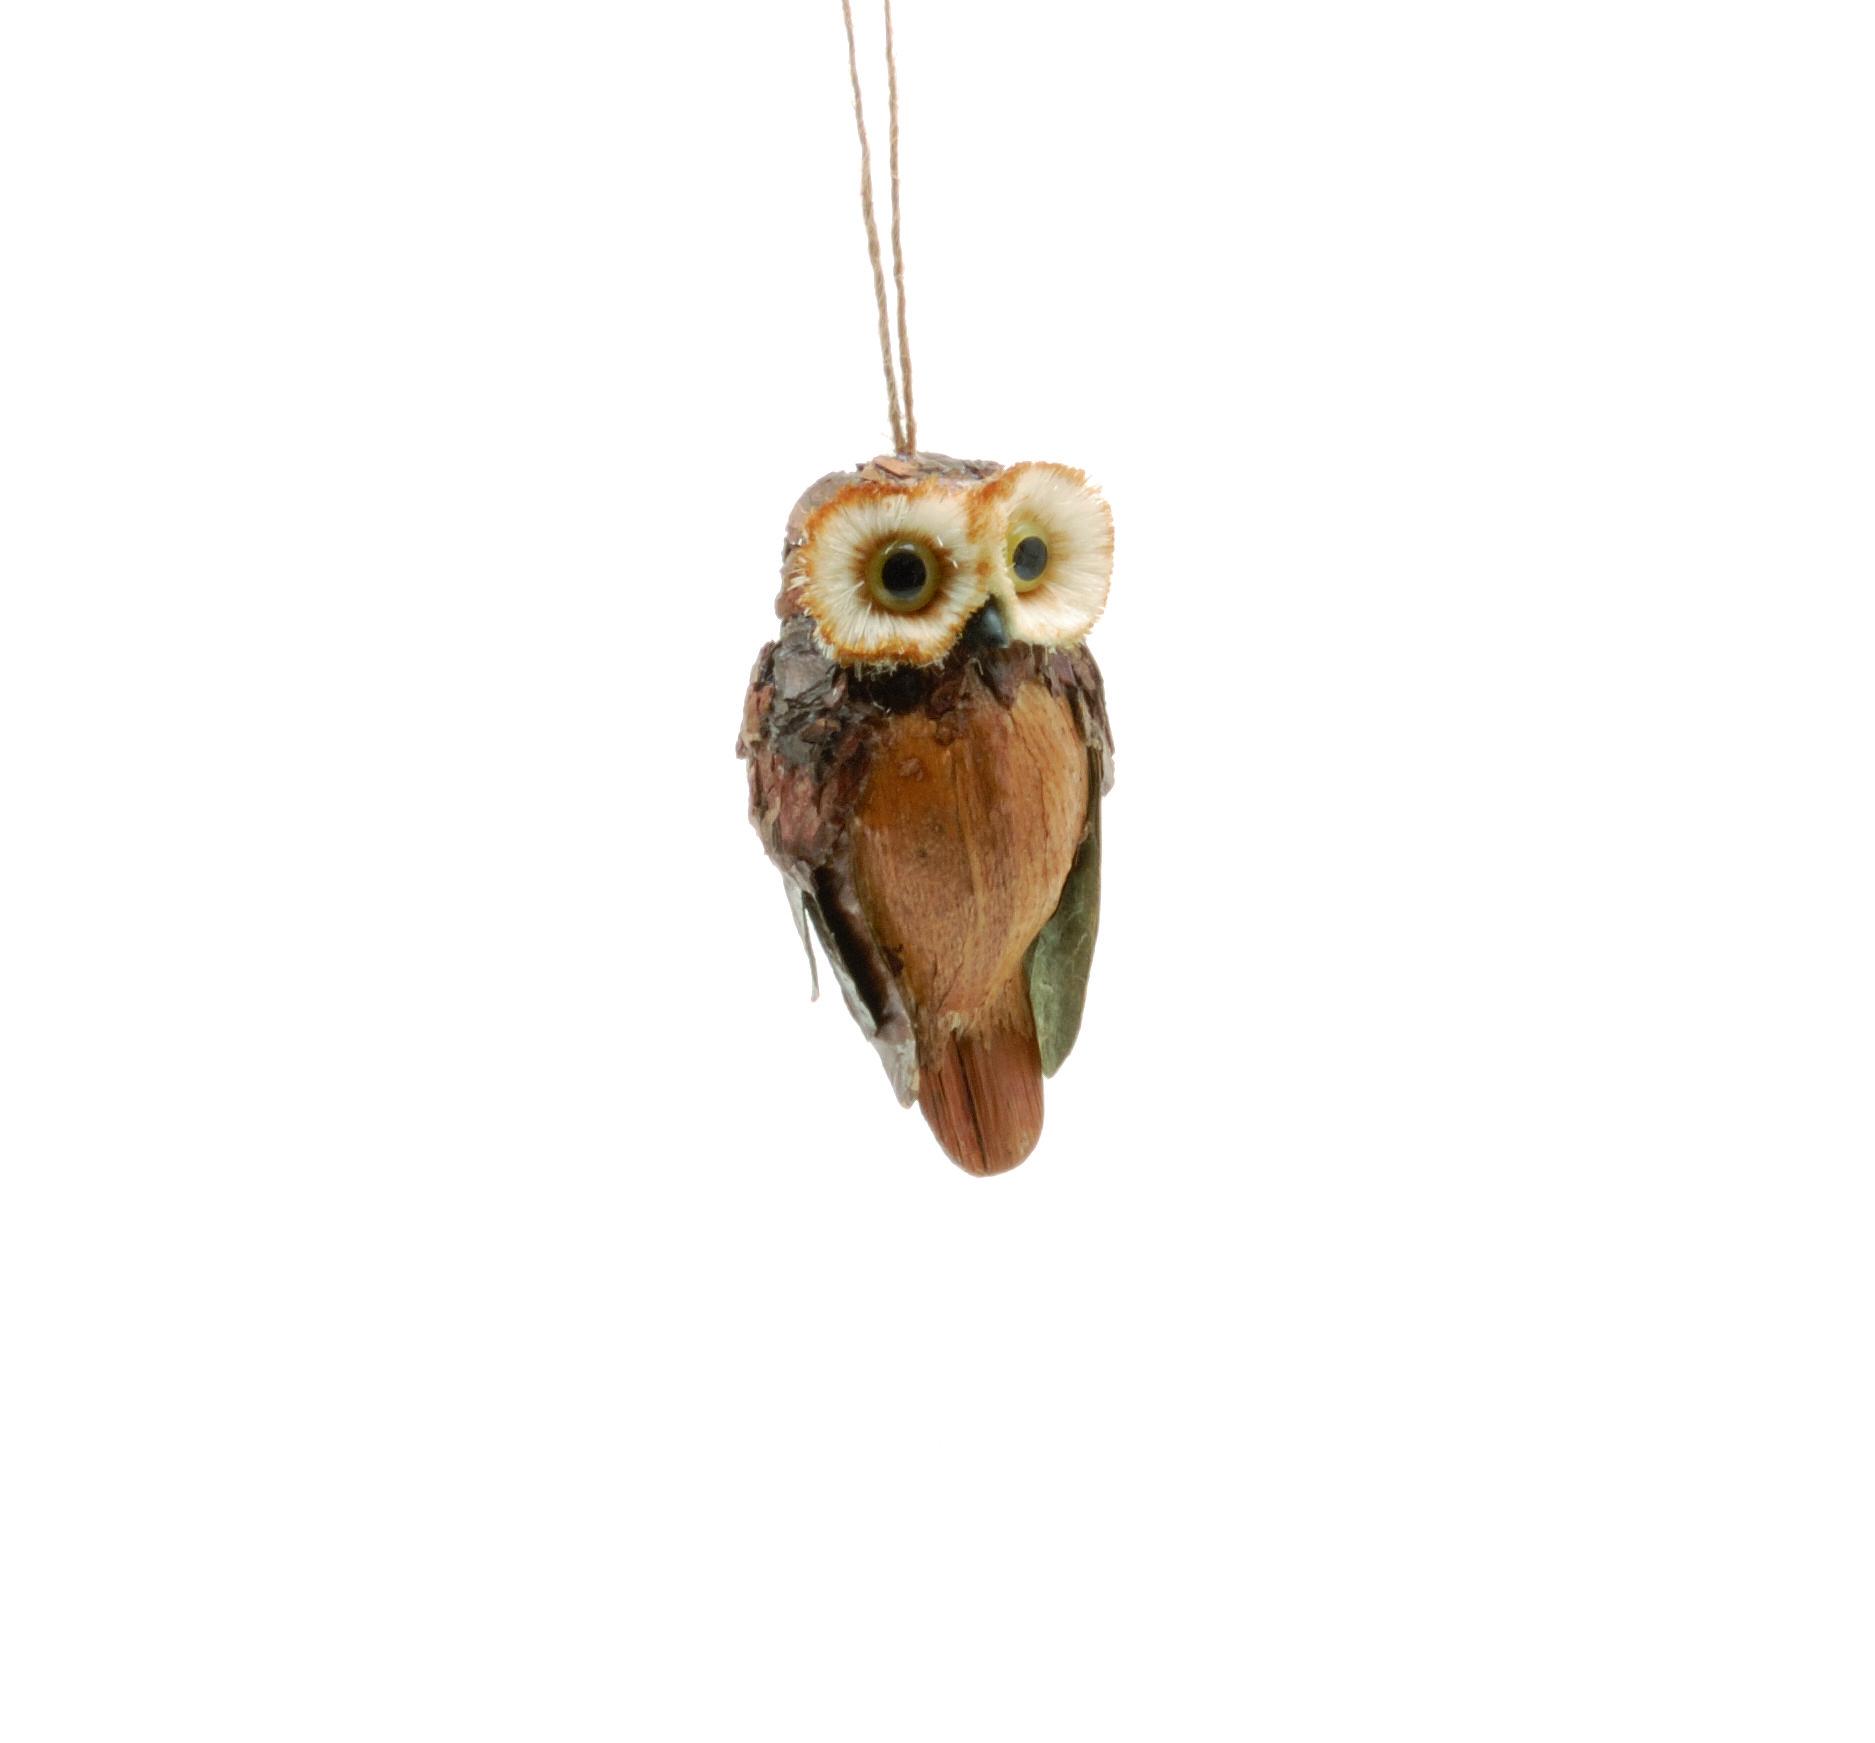 Natural Bark Owl Hanging Christmas Tree Ornament #ukchristmasworld #barnsley #christmas #decoration #festive #hanging #christmastree #display http://www.ukchristmasworld.com/Shop/Christmas-Tree-Decorations/Christmas-Tree-Decorations/5194-Natural-Bark-Owl-Hanging-Christmas-Tree-Ornament.html